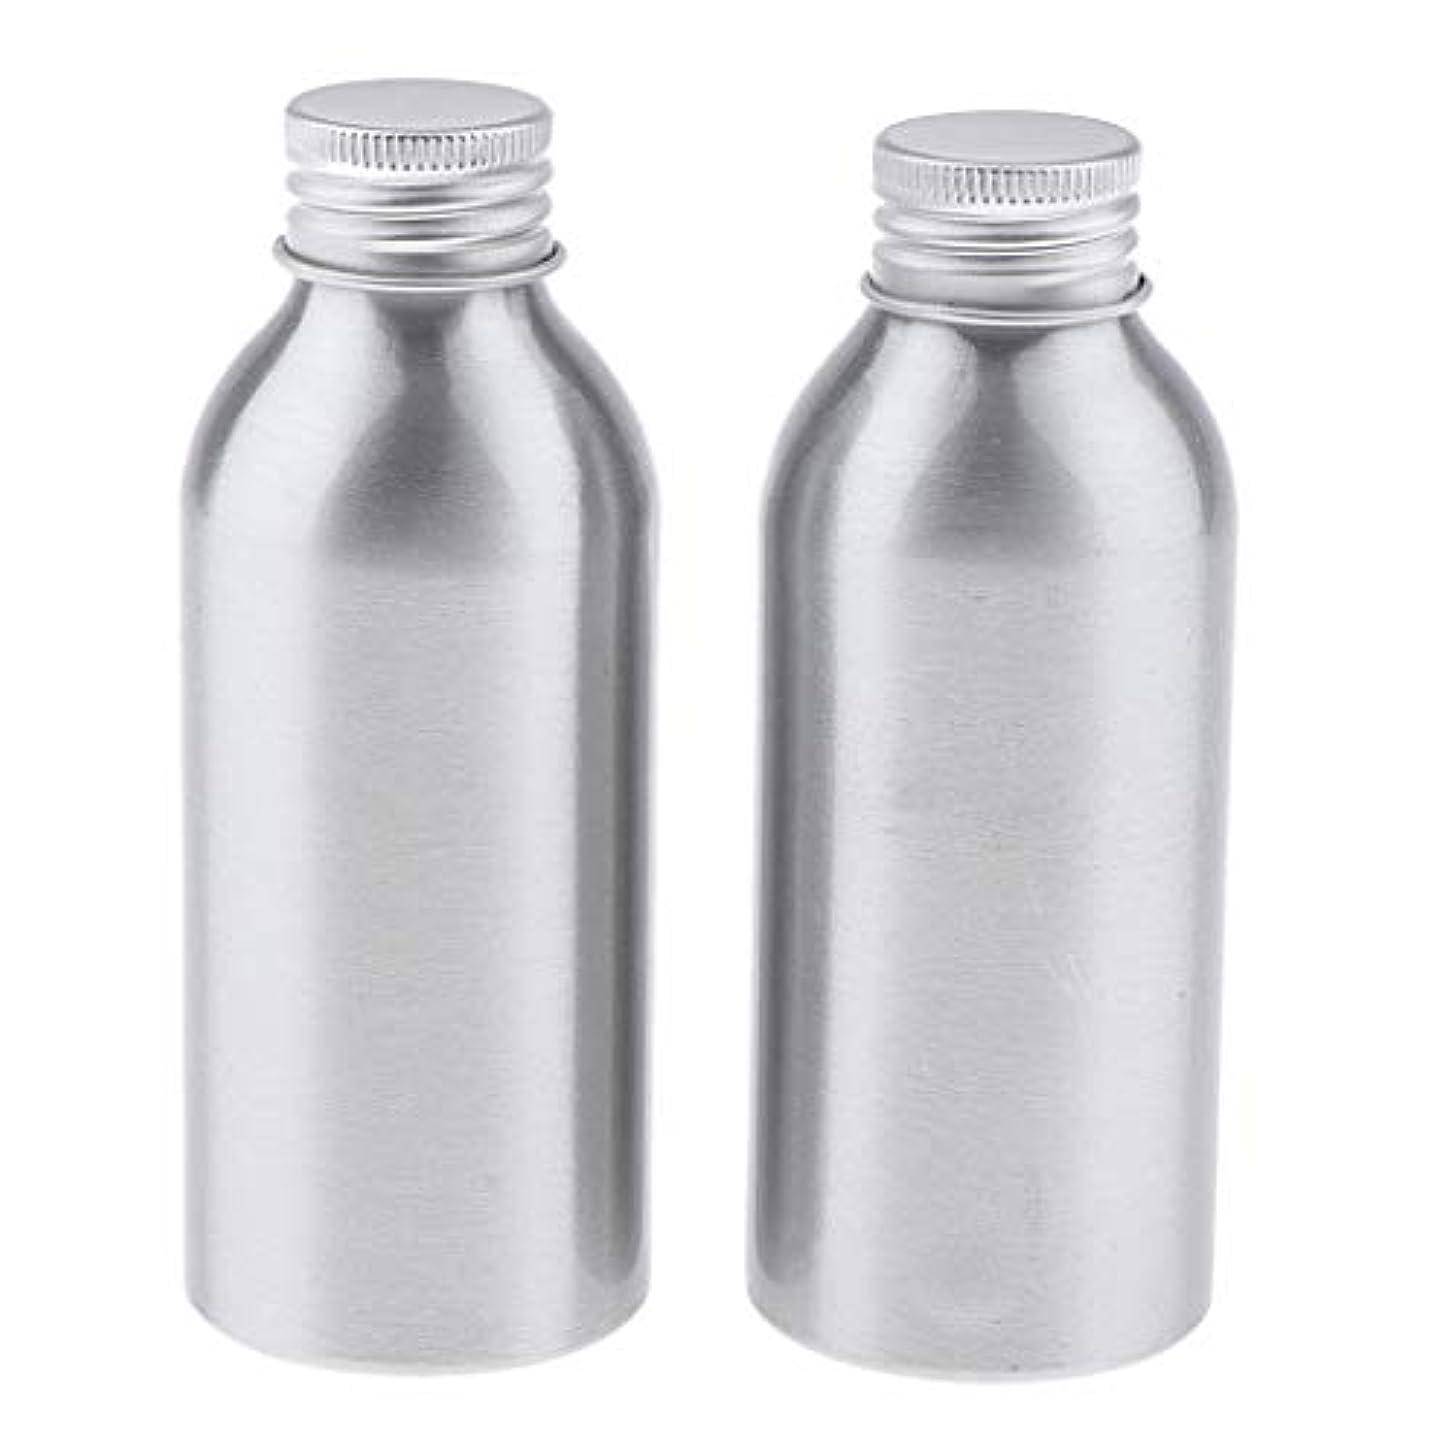 おばあさん東ティモール翻訳するディスペンサーボトル 空ボトル アルミボトル 化粧品ボトル 詰替え容器 広い口 防錆 全5サイズ - 120ml